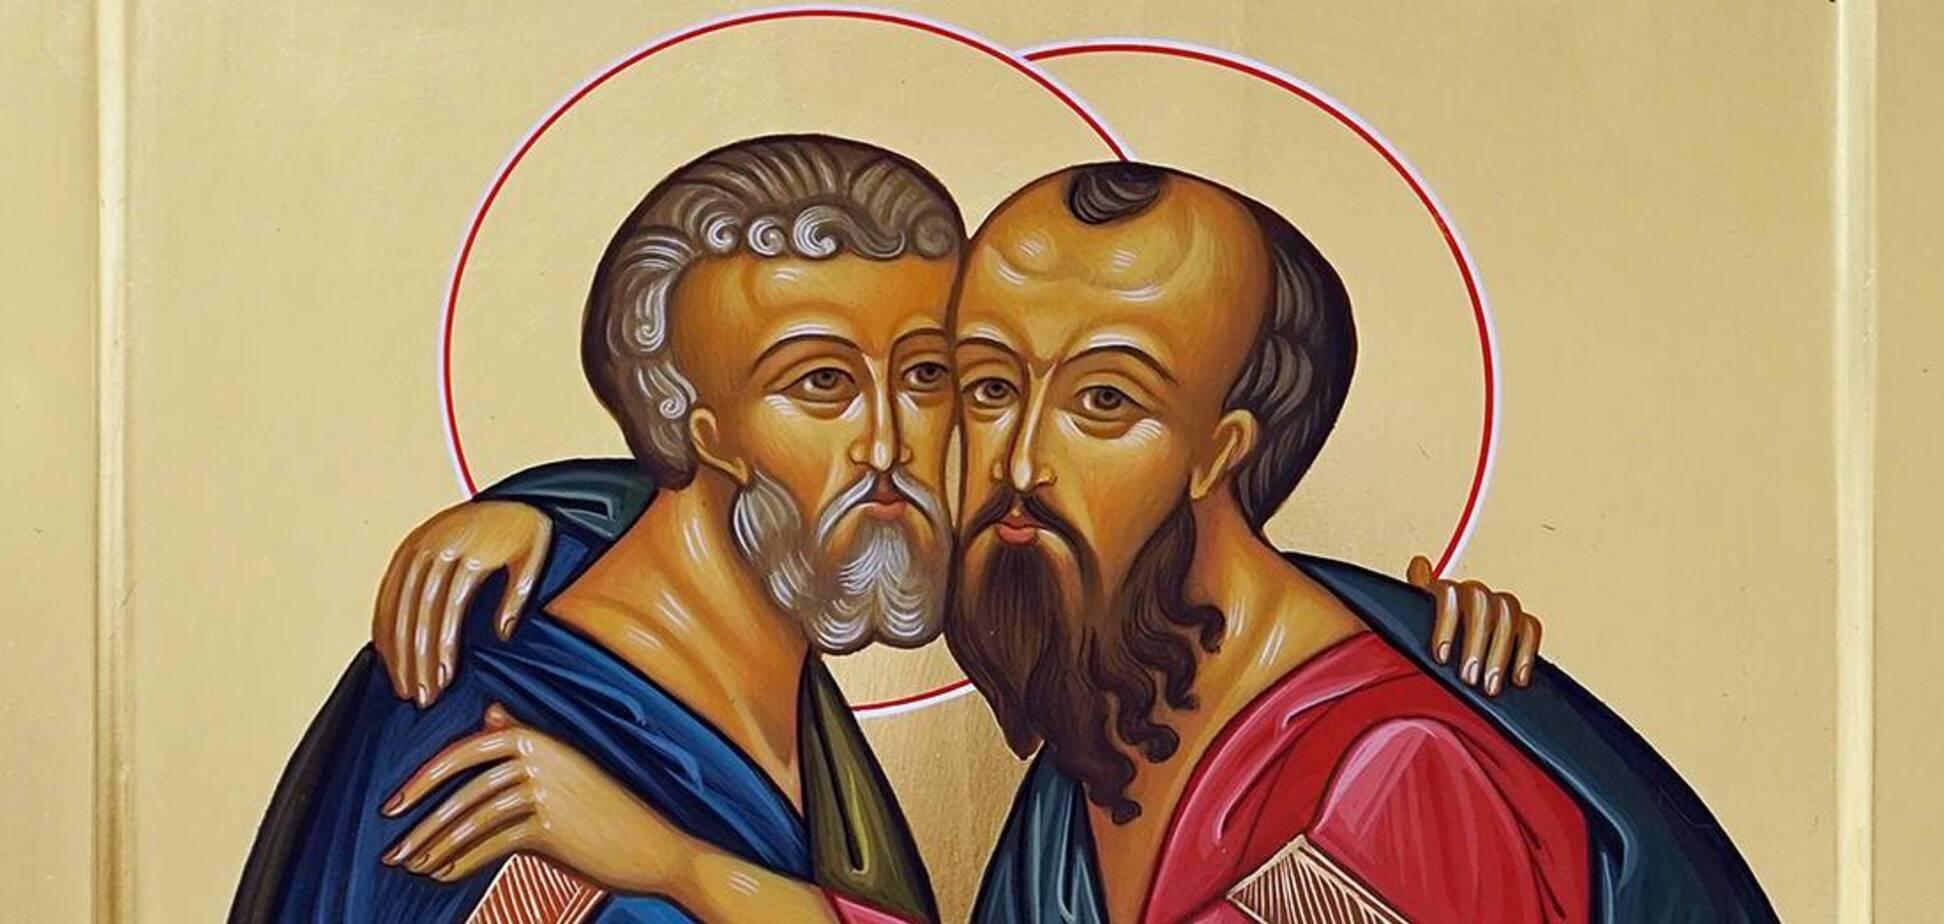 З Днем Петра і Павла пов'язано багато традицій, прикмет і заборон